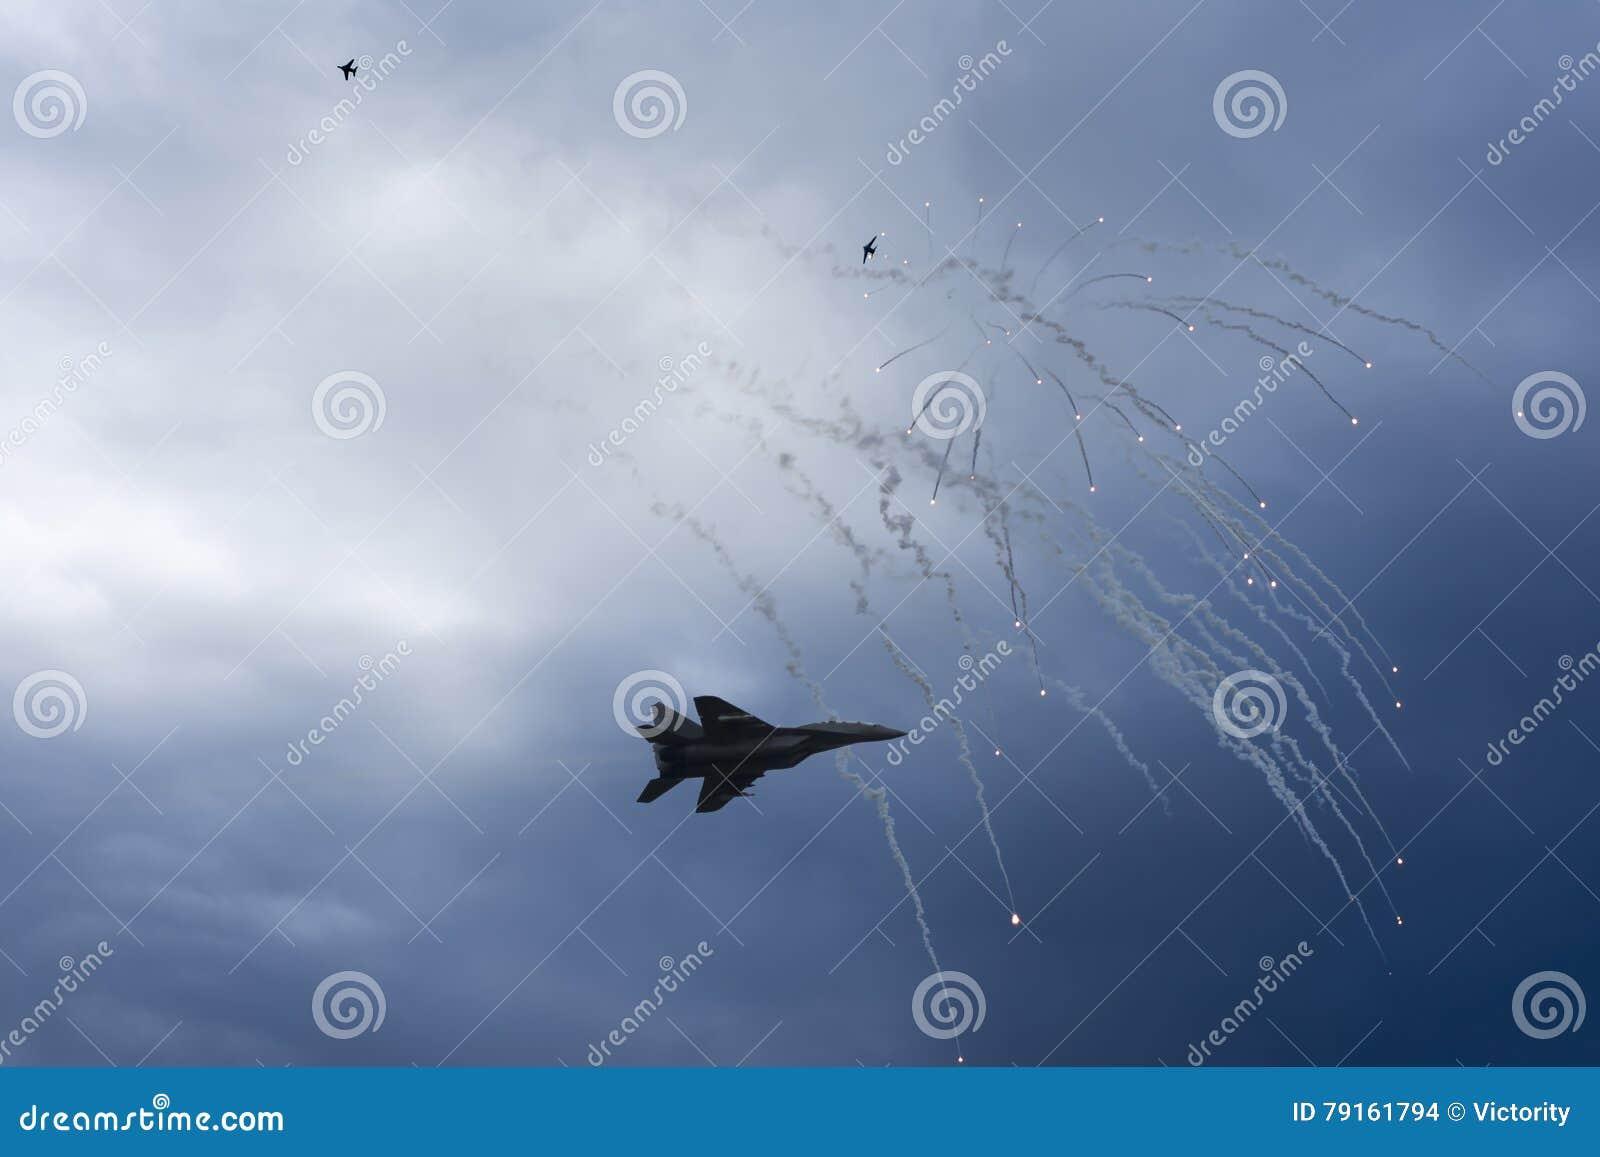 Luchtstaking Vechtersstraal in Hondengevecht Vliegtuigen in de Defensiegloed van het Slagvuren Oorlogsstreek